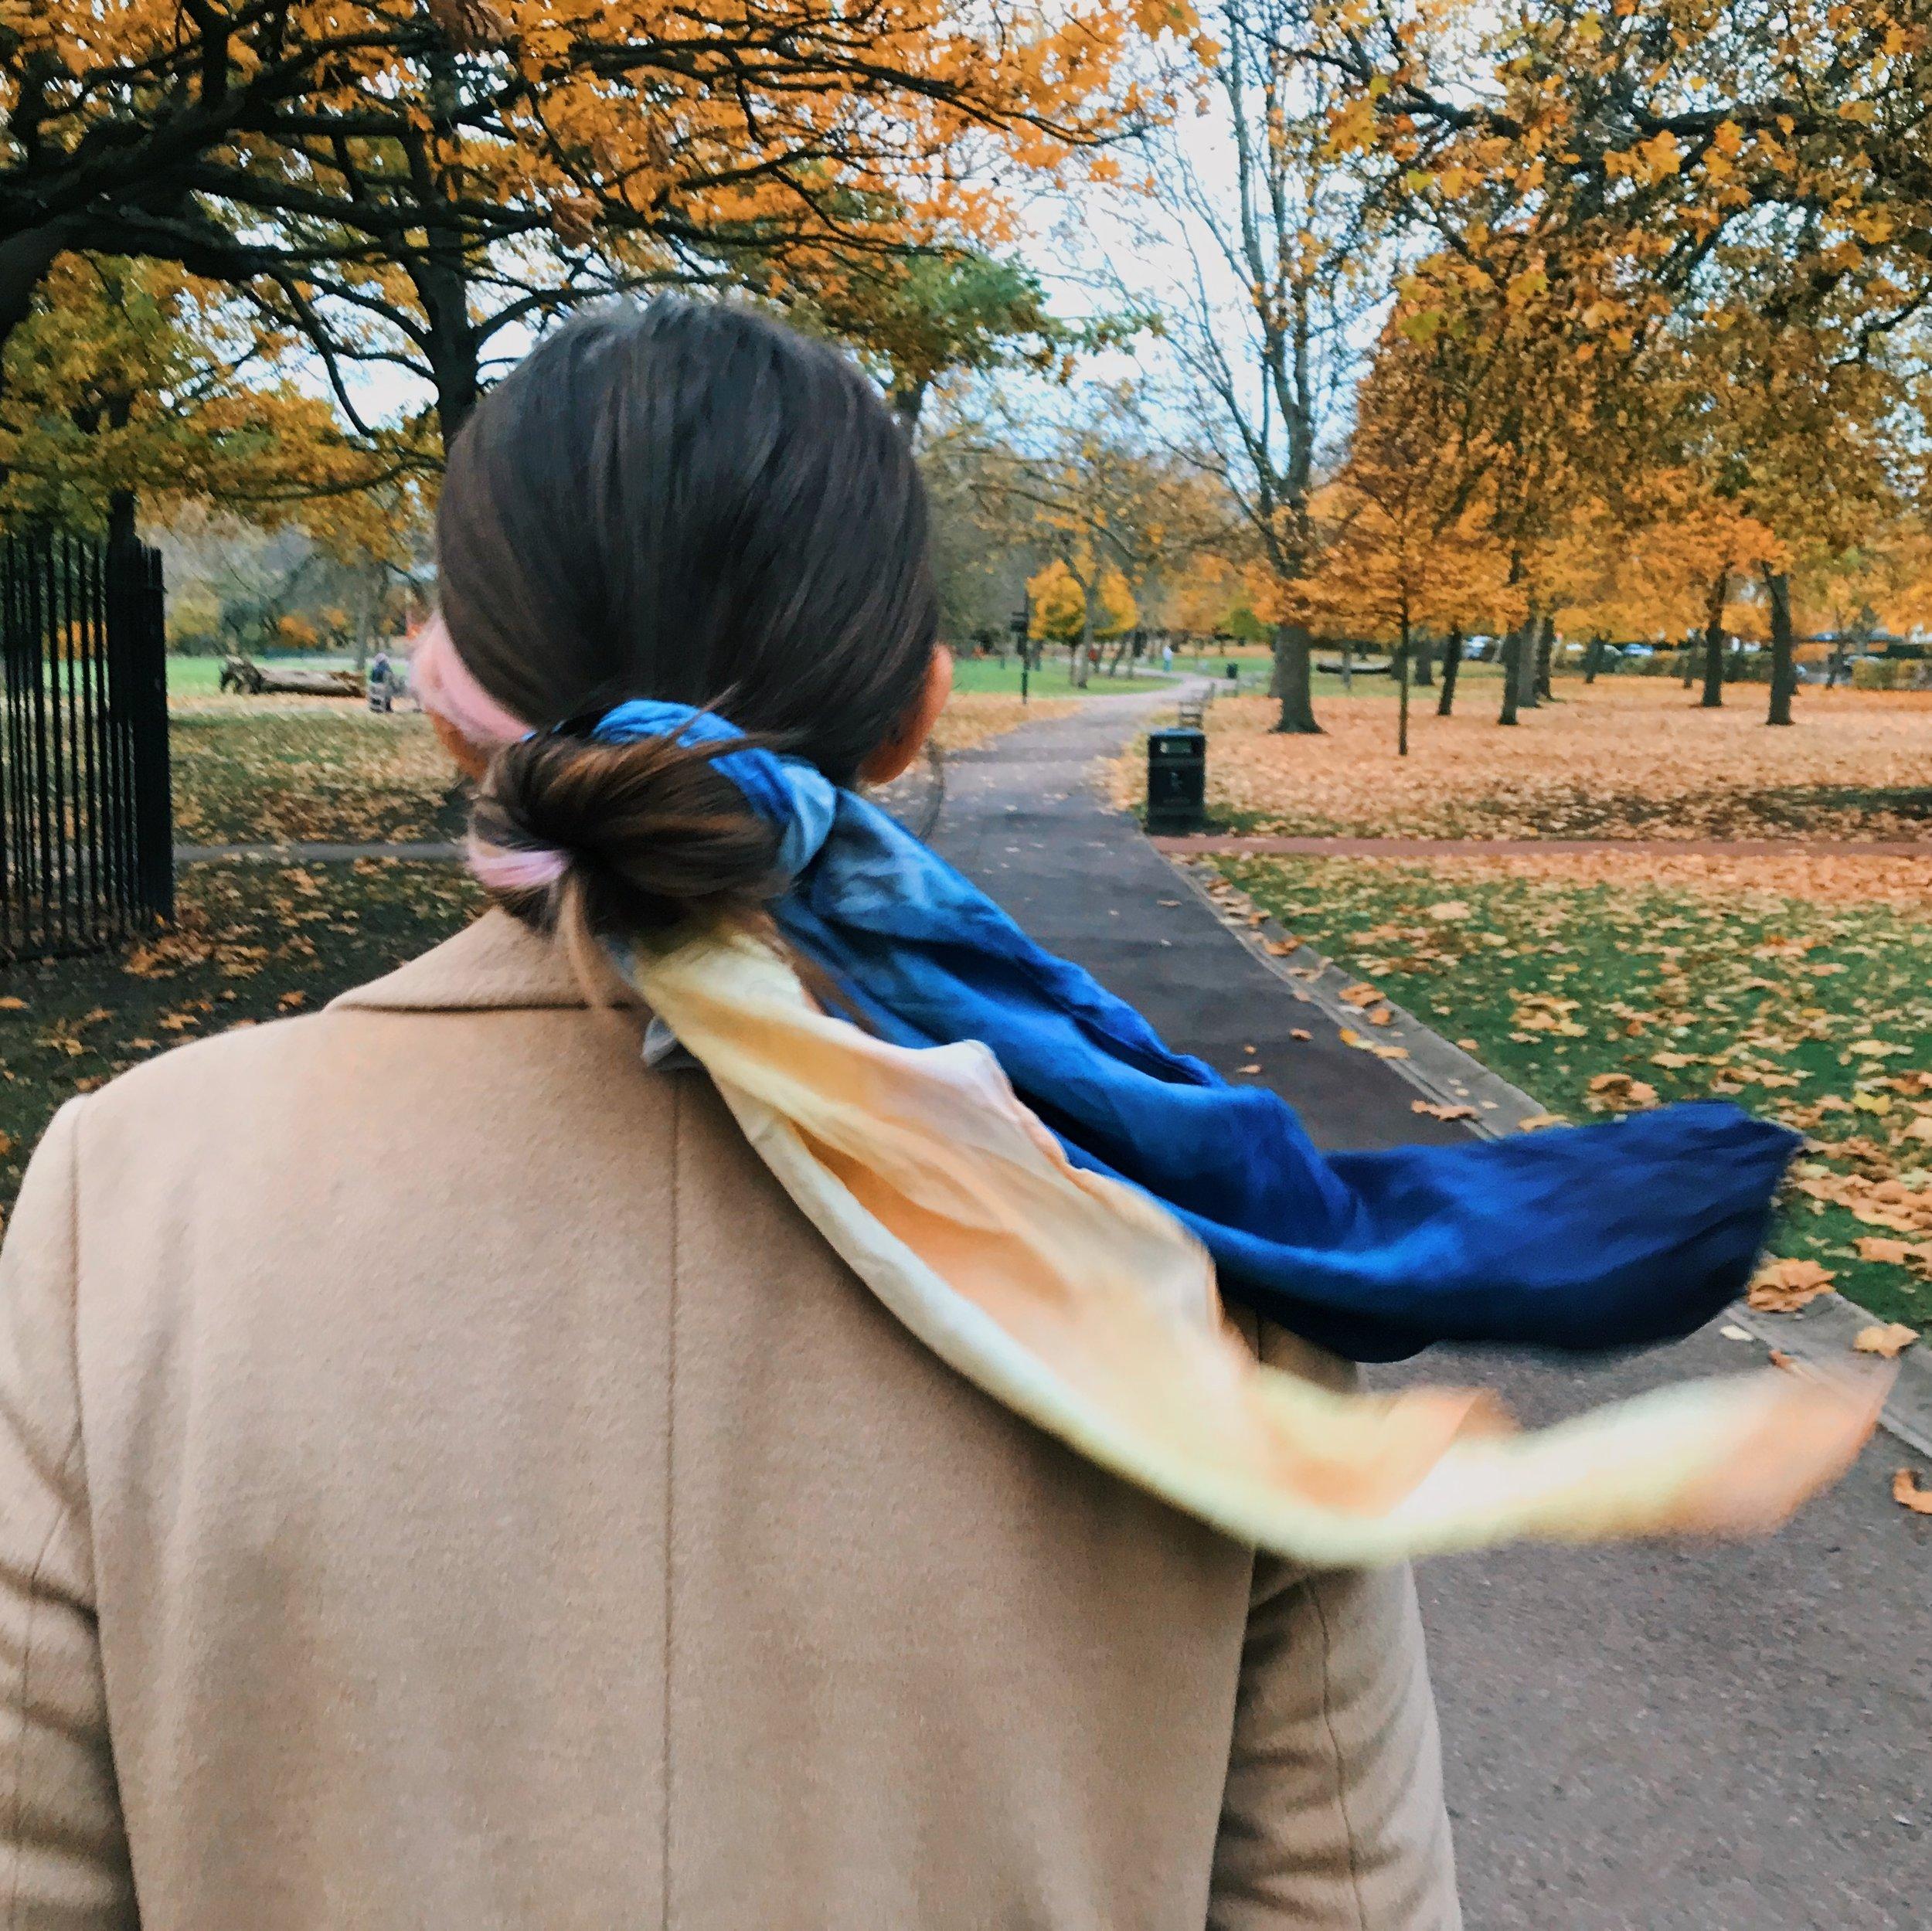 Hari in Queen's Park in London.